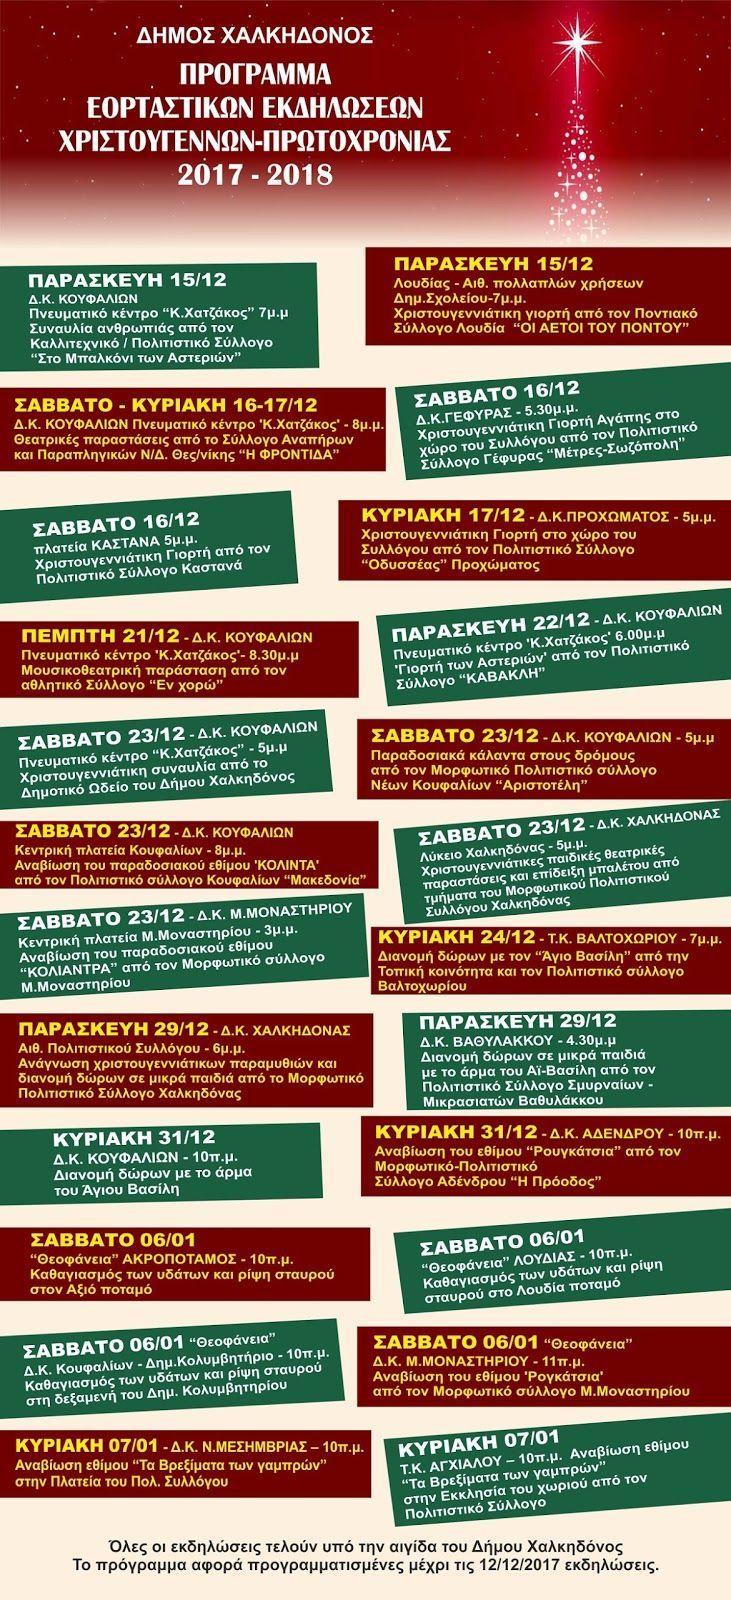 ΣυνΔΗΜΟΤΗΣ: Πρόγραμμα Εορταστικών Εκδηλώσεων Χριστουγέννων - Π...